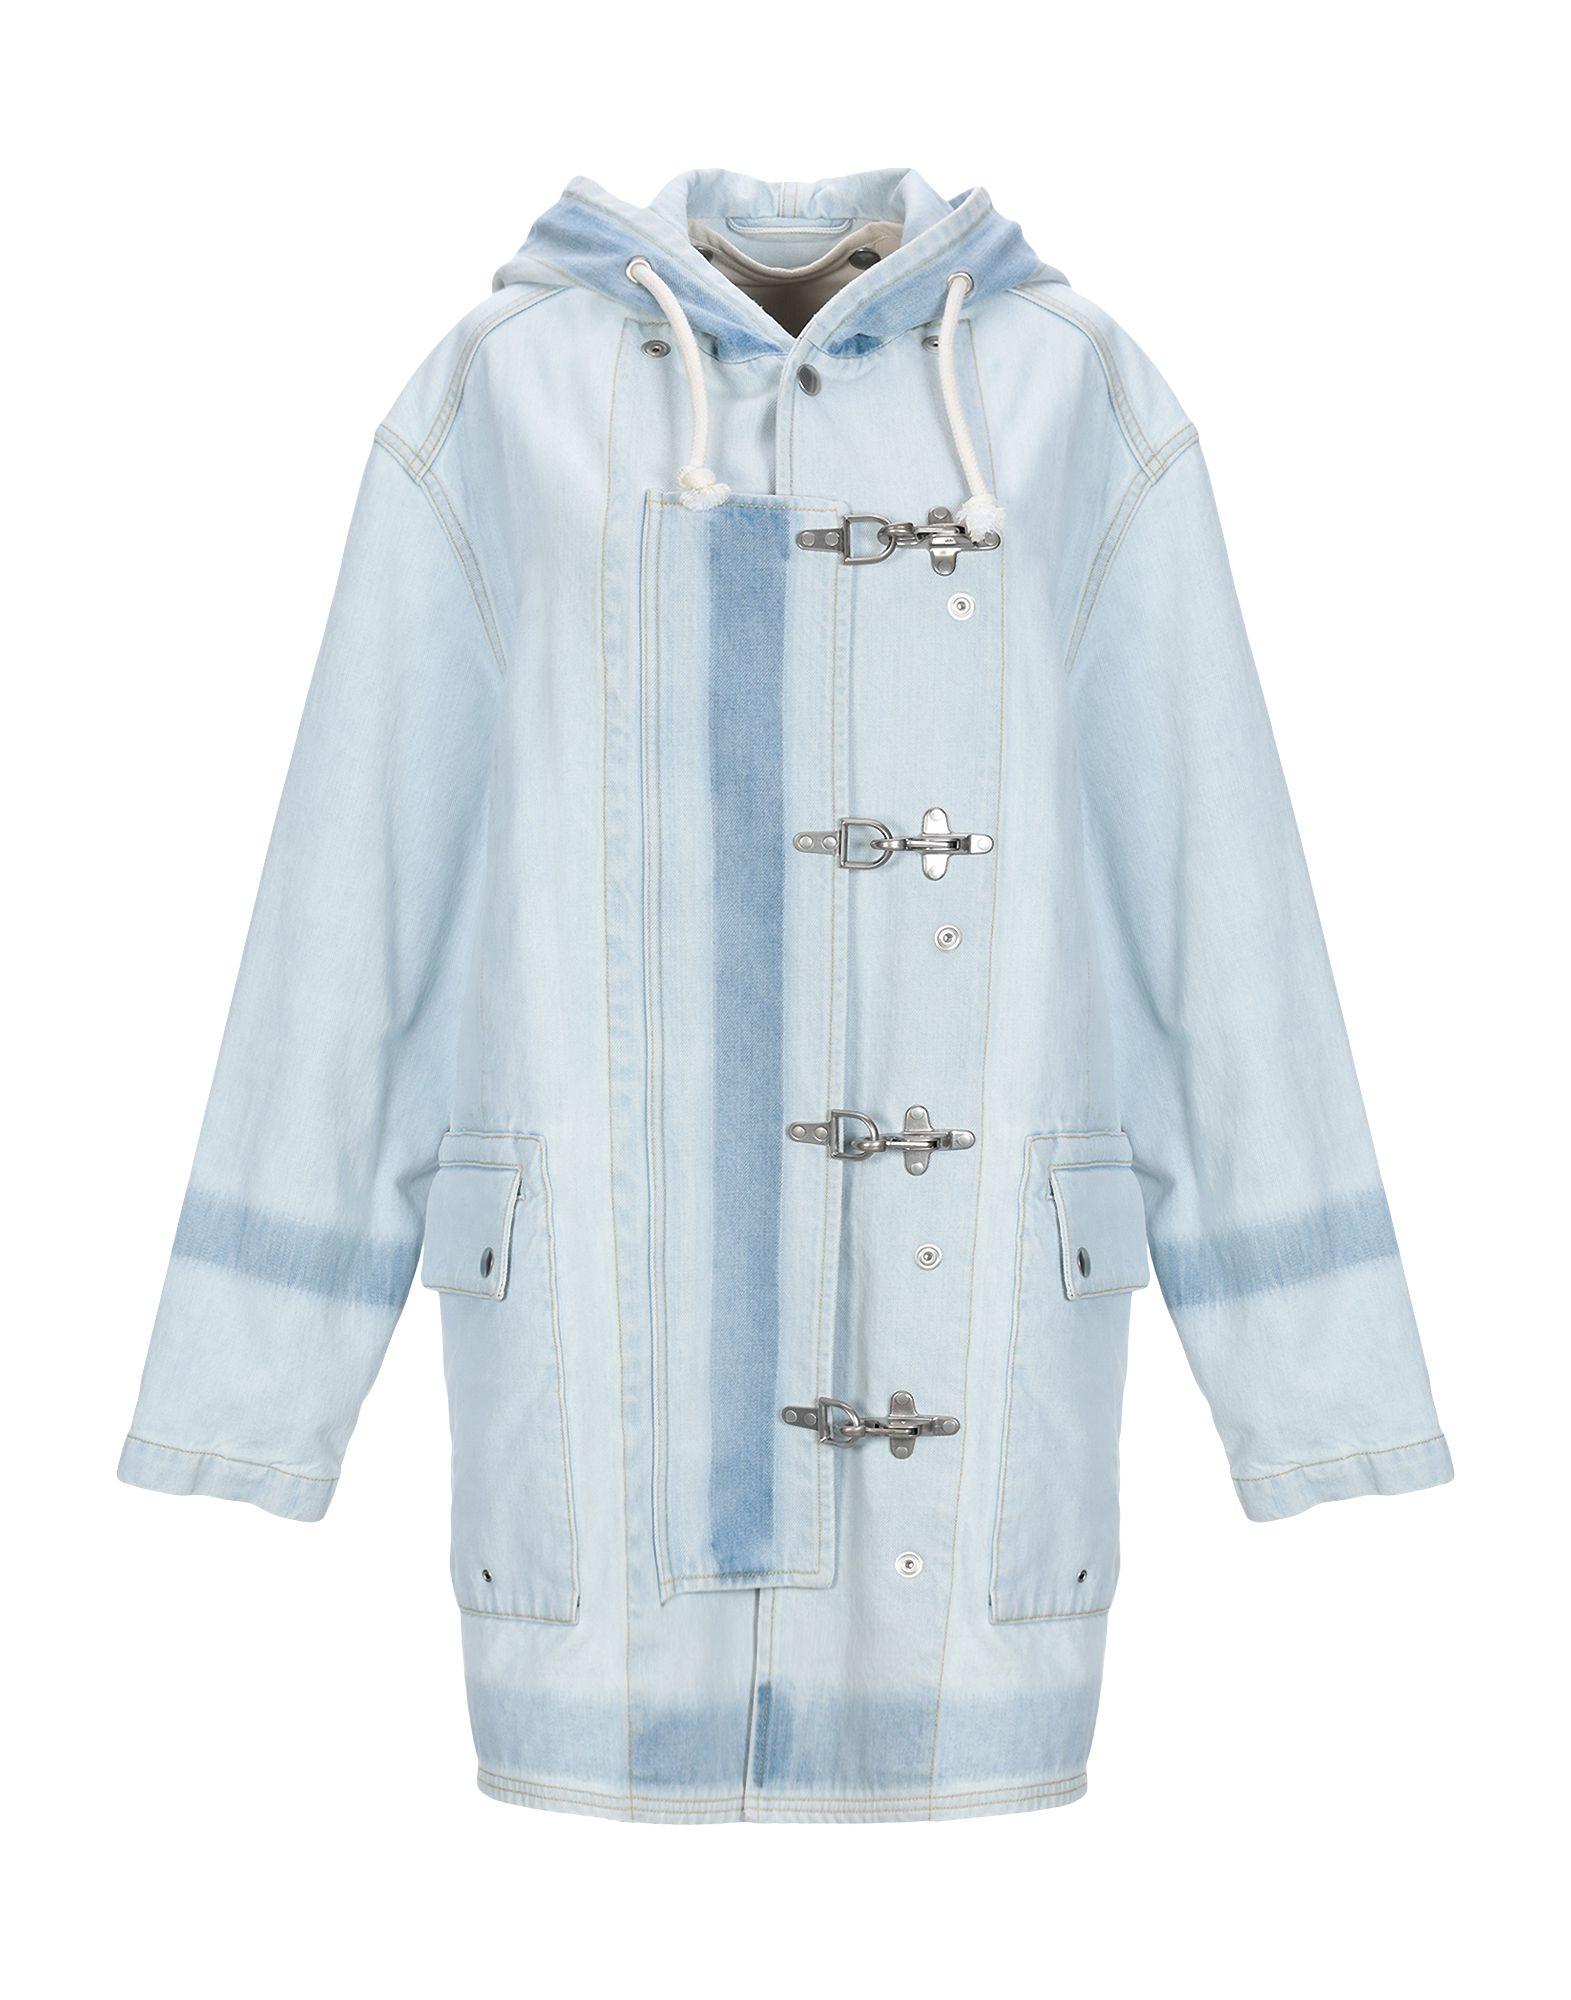 MAISON MARGIELA Джинсовая верхняя одежда maison margiela джинсовая верхняя одежда